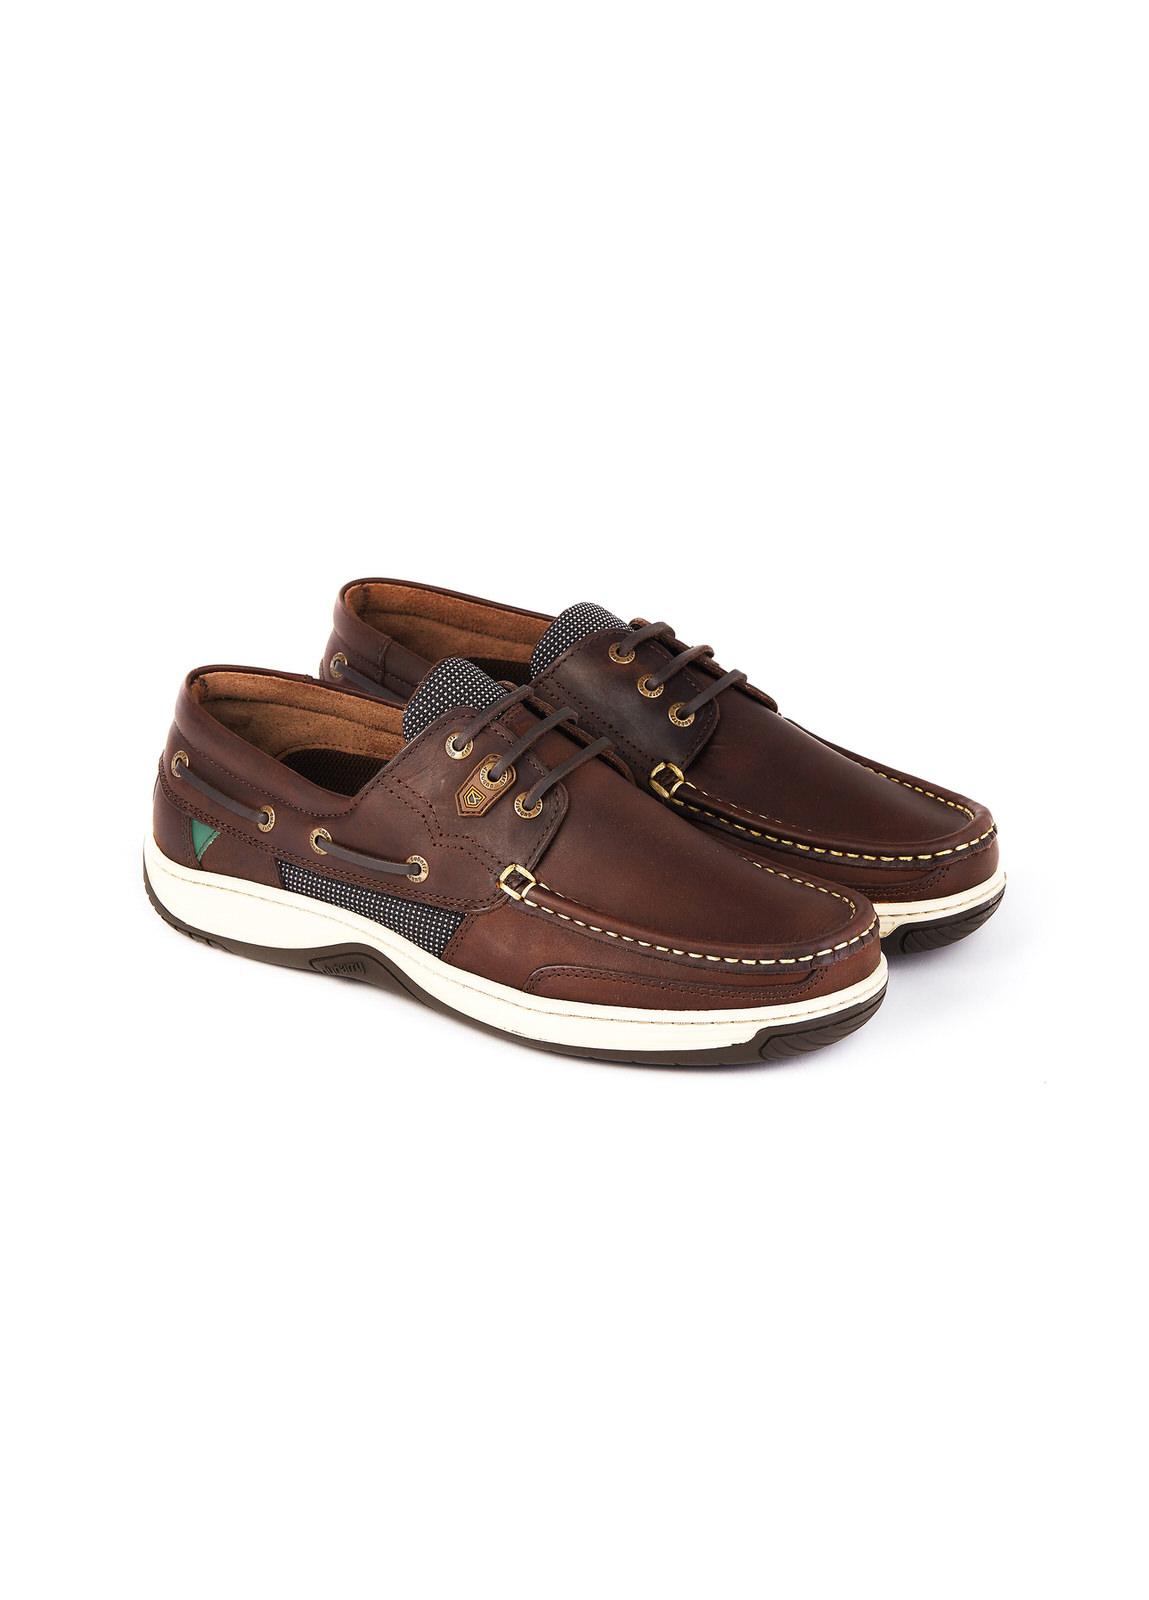 Regatta_Deck_Shoe_Old_Rum_Image_1